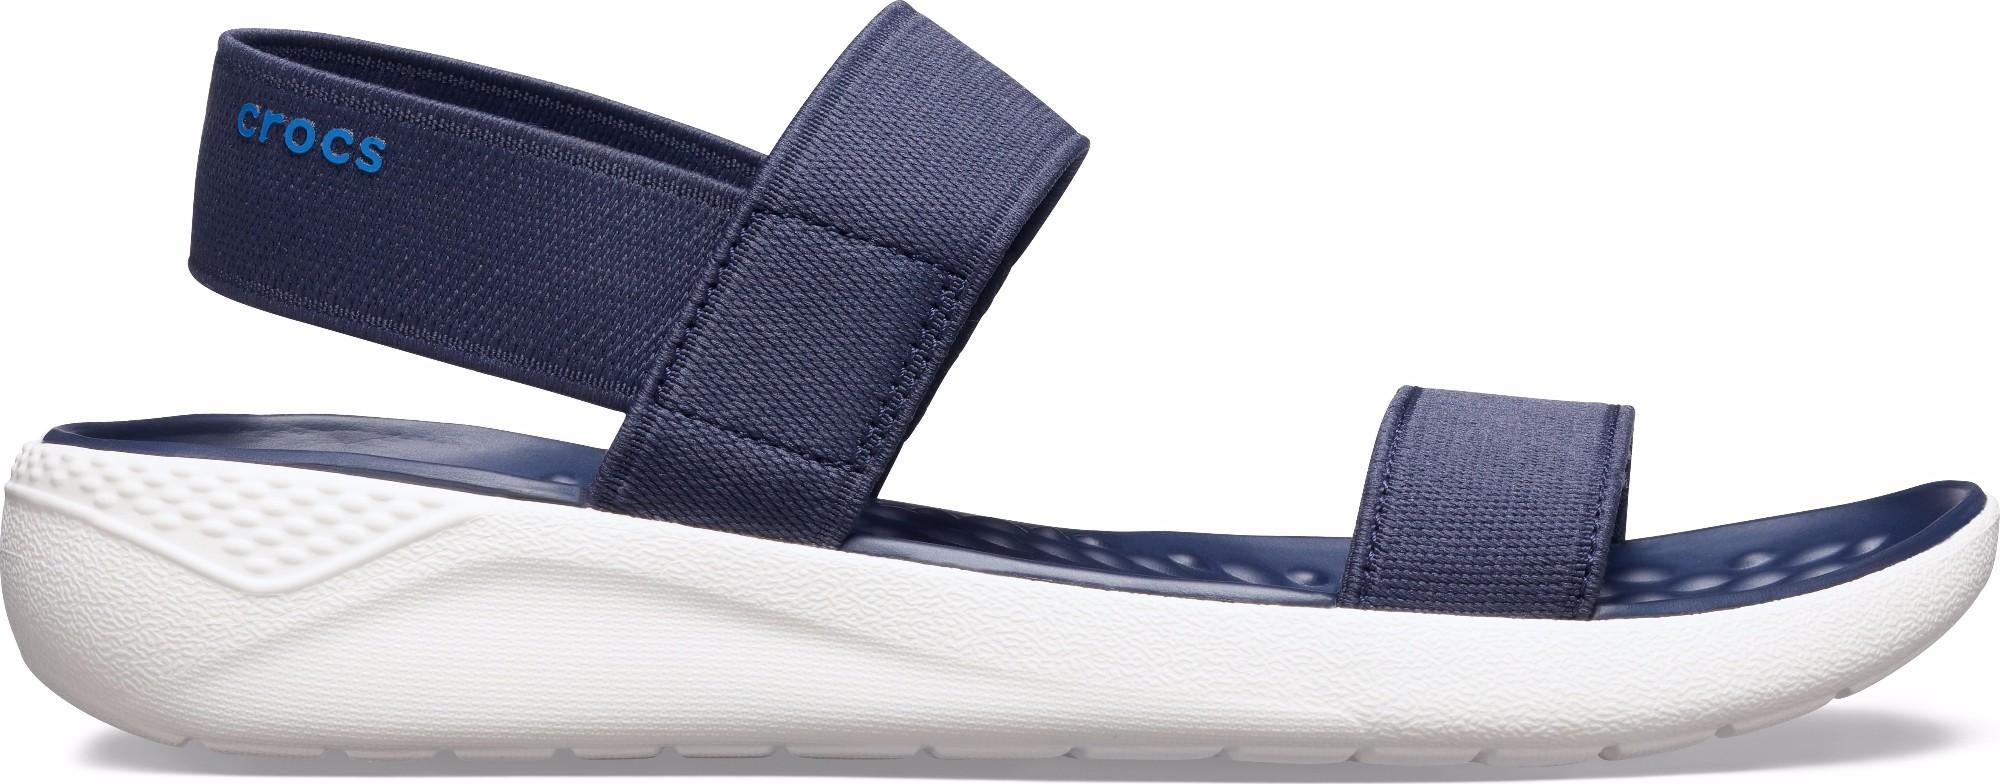 Crocs™ Women's LiteRide Sandal Navy/White 36,5